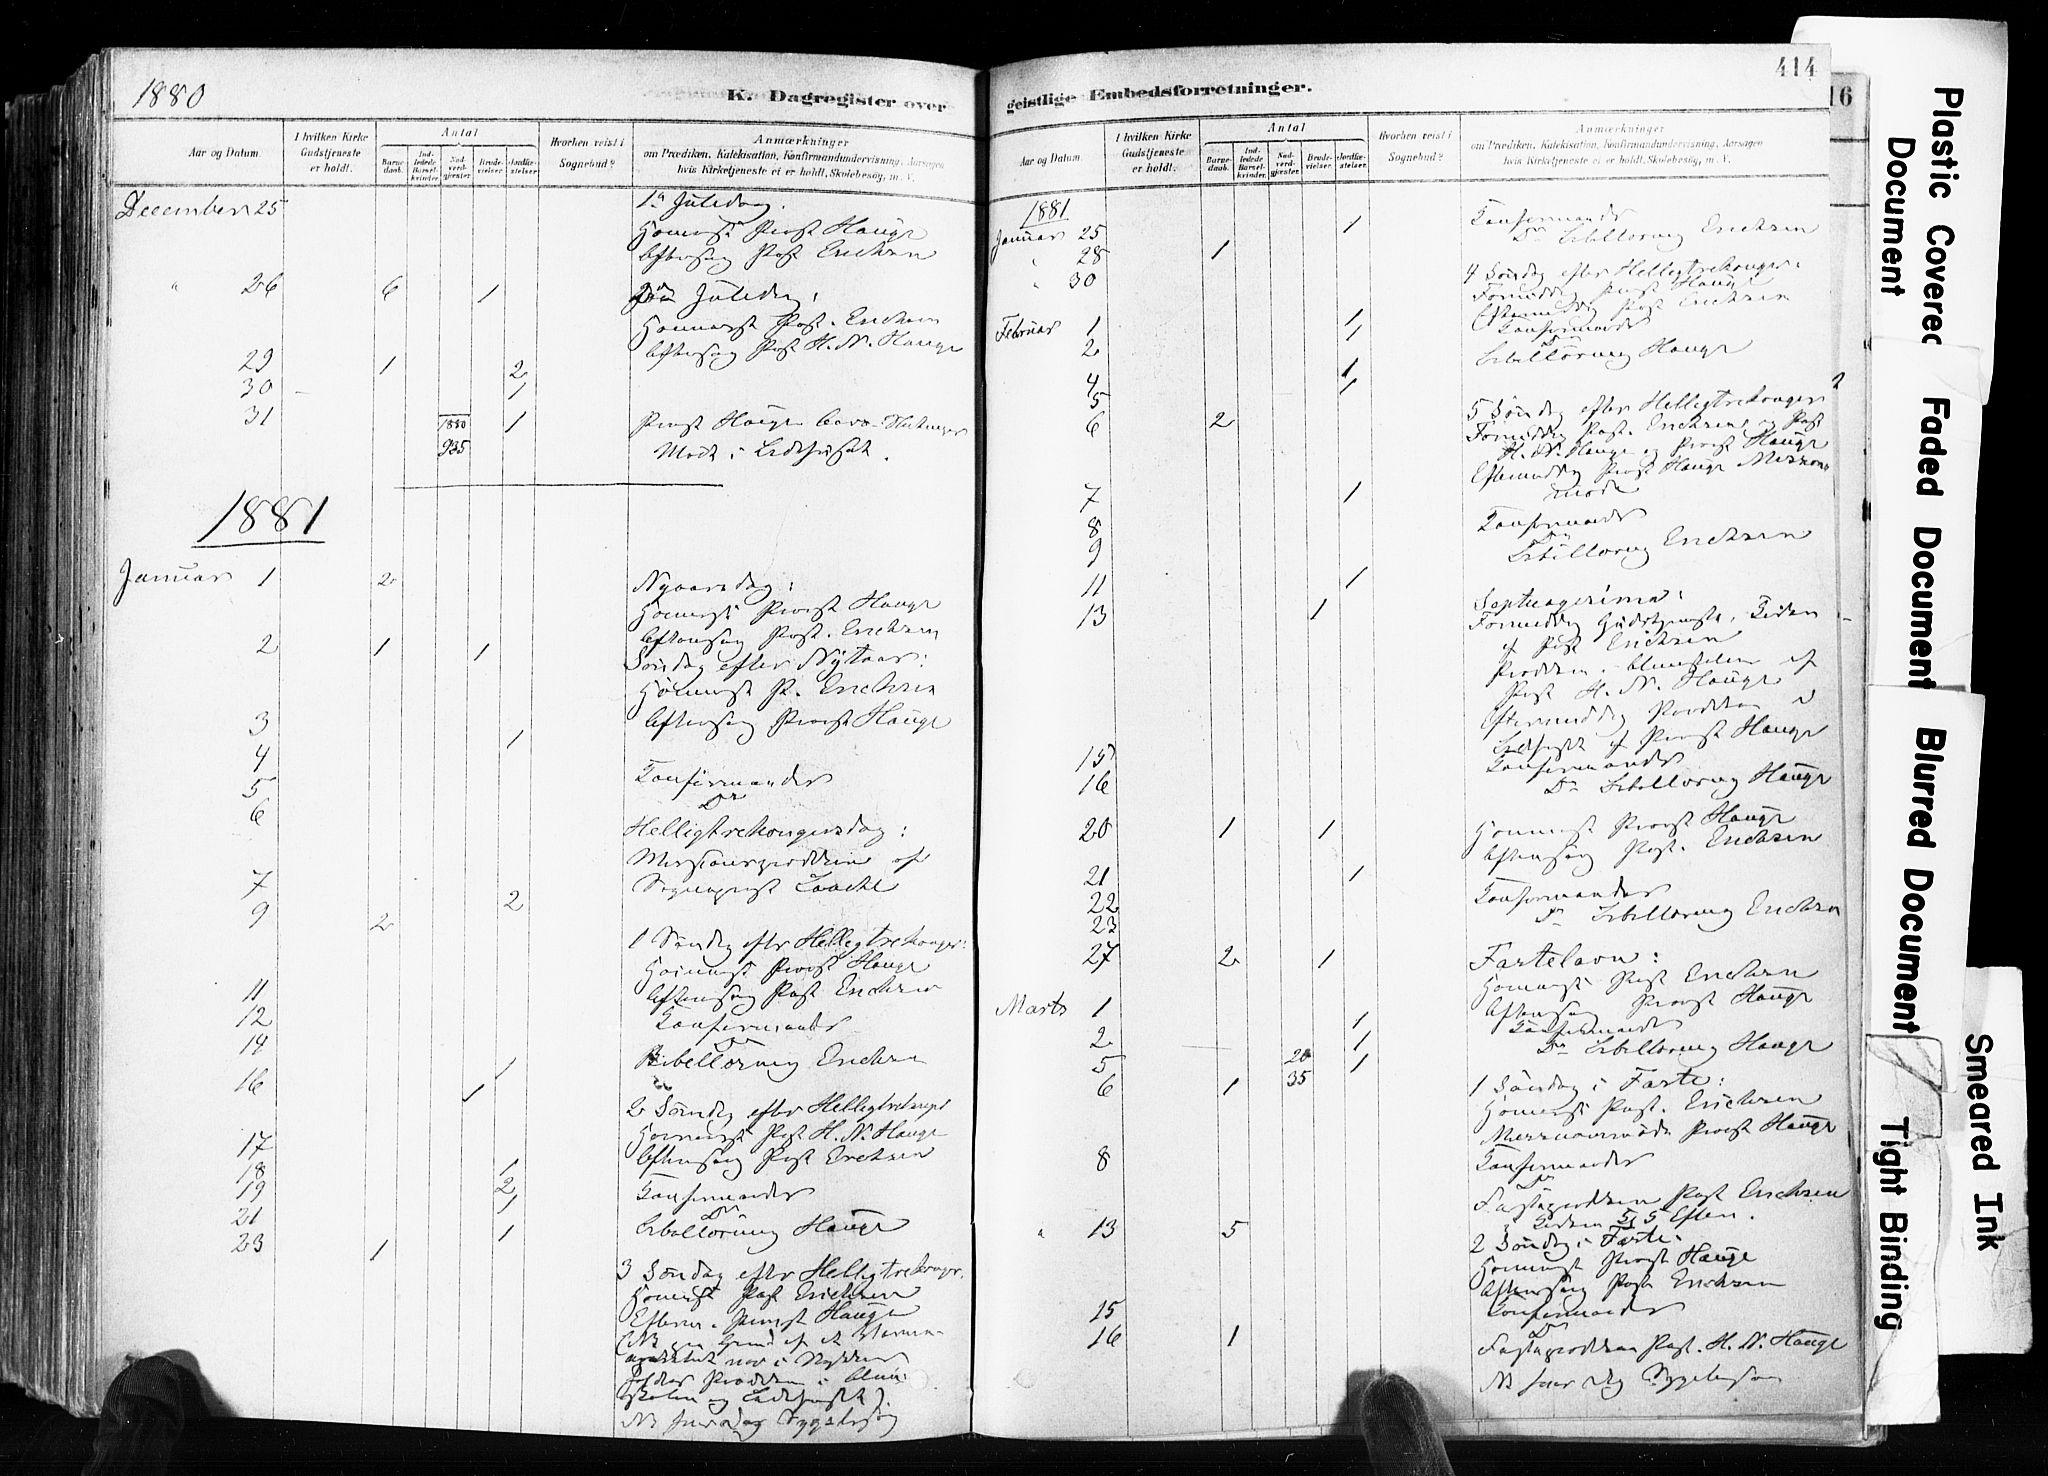 SAKO, Skien kirkebøker, F/Fa/L0009: Ministerialbok nr. 9, 1878-1890, s. 414